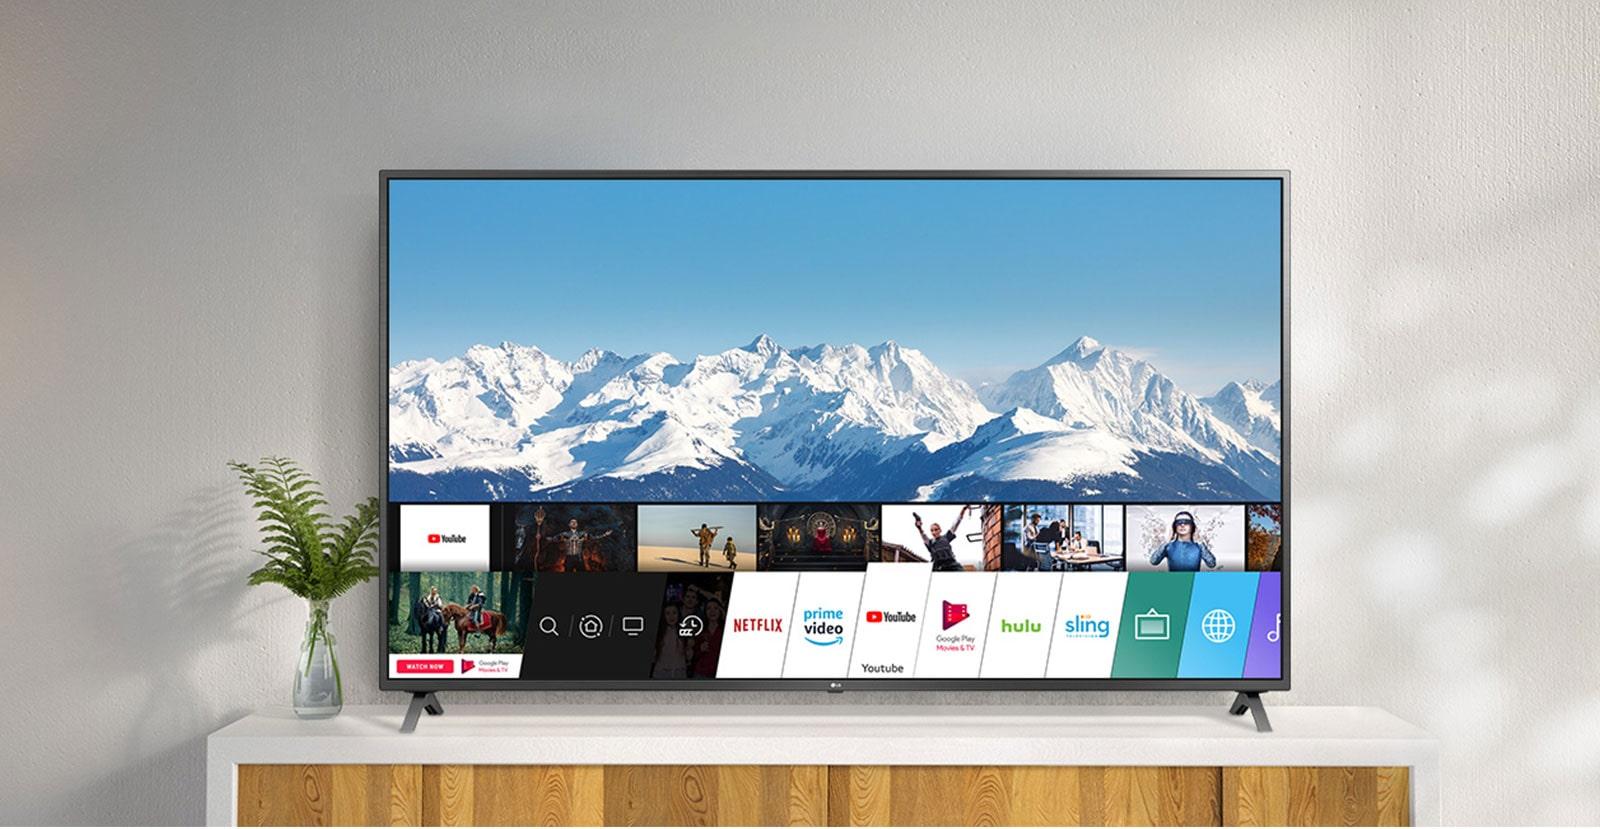 TV đứng trên một giá đỡ trắng trên một bức tường trắng.  Màn hình TV hiển thị màn hình chính với webOS.